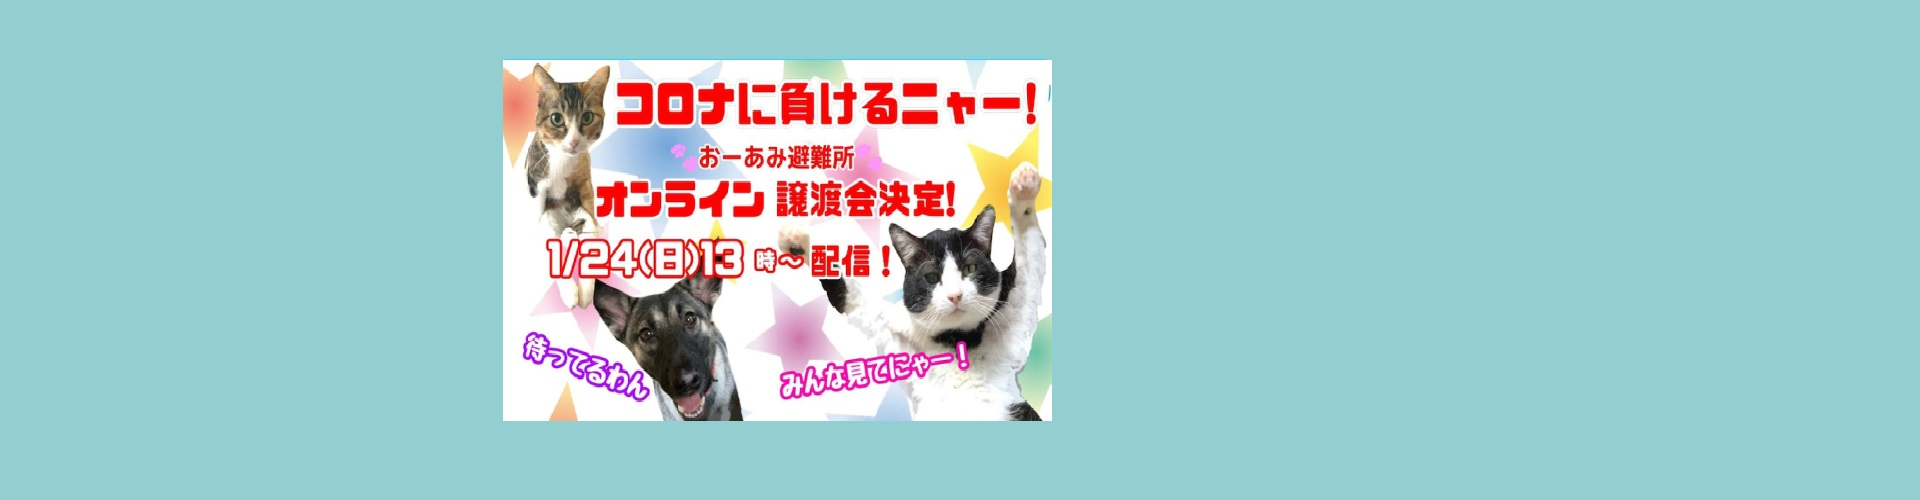 オンライン譲渡会(1/24)